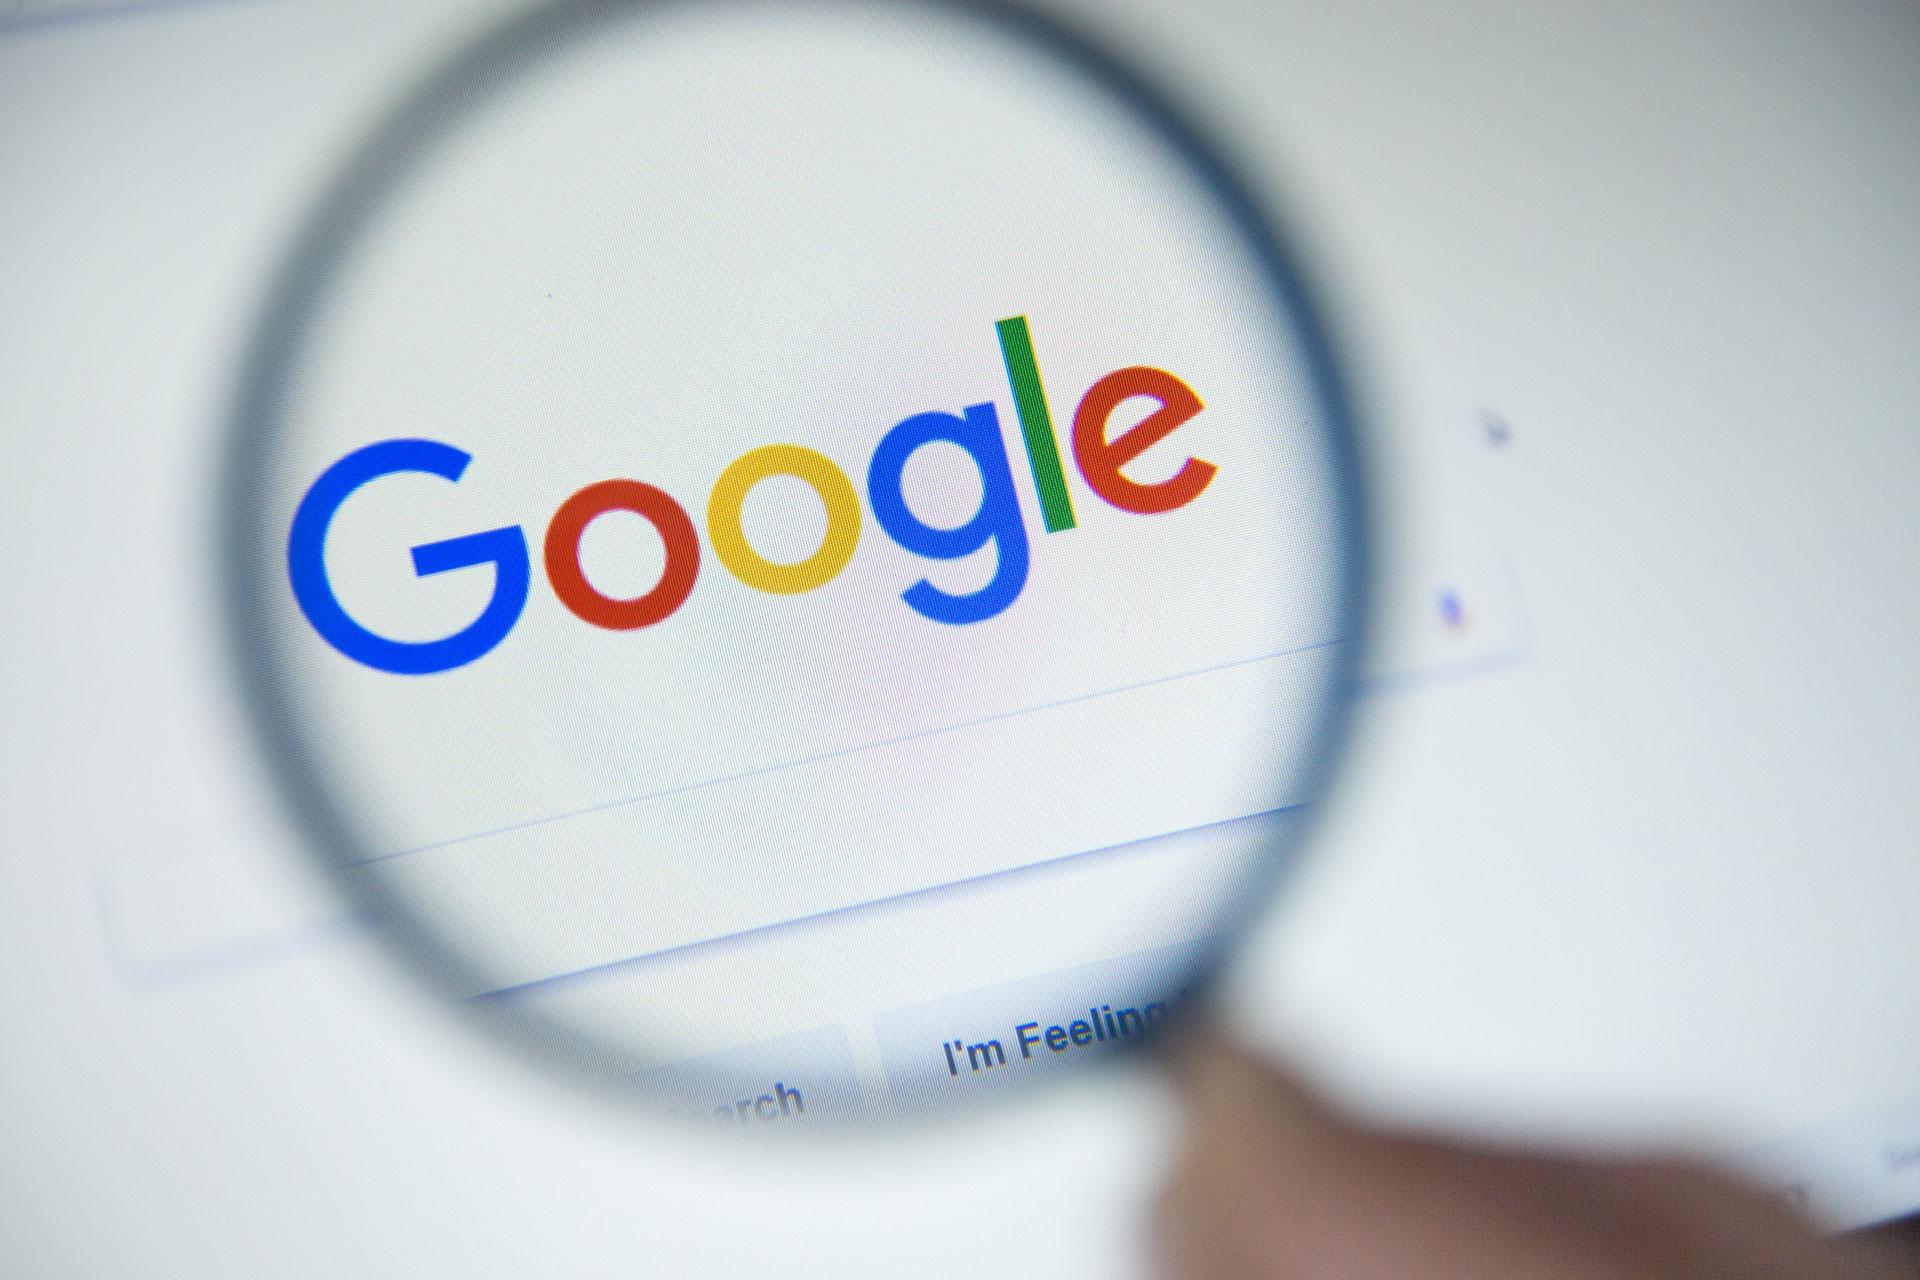 Filtr Google - co to i jak z niego wyjść?